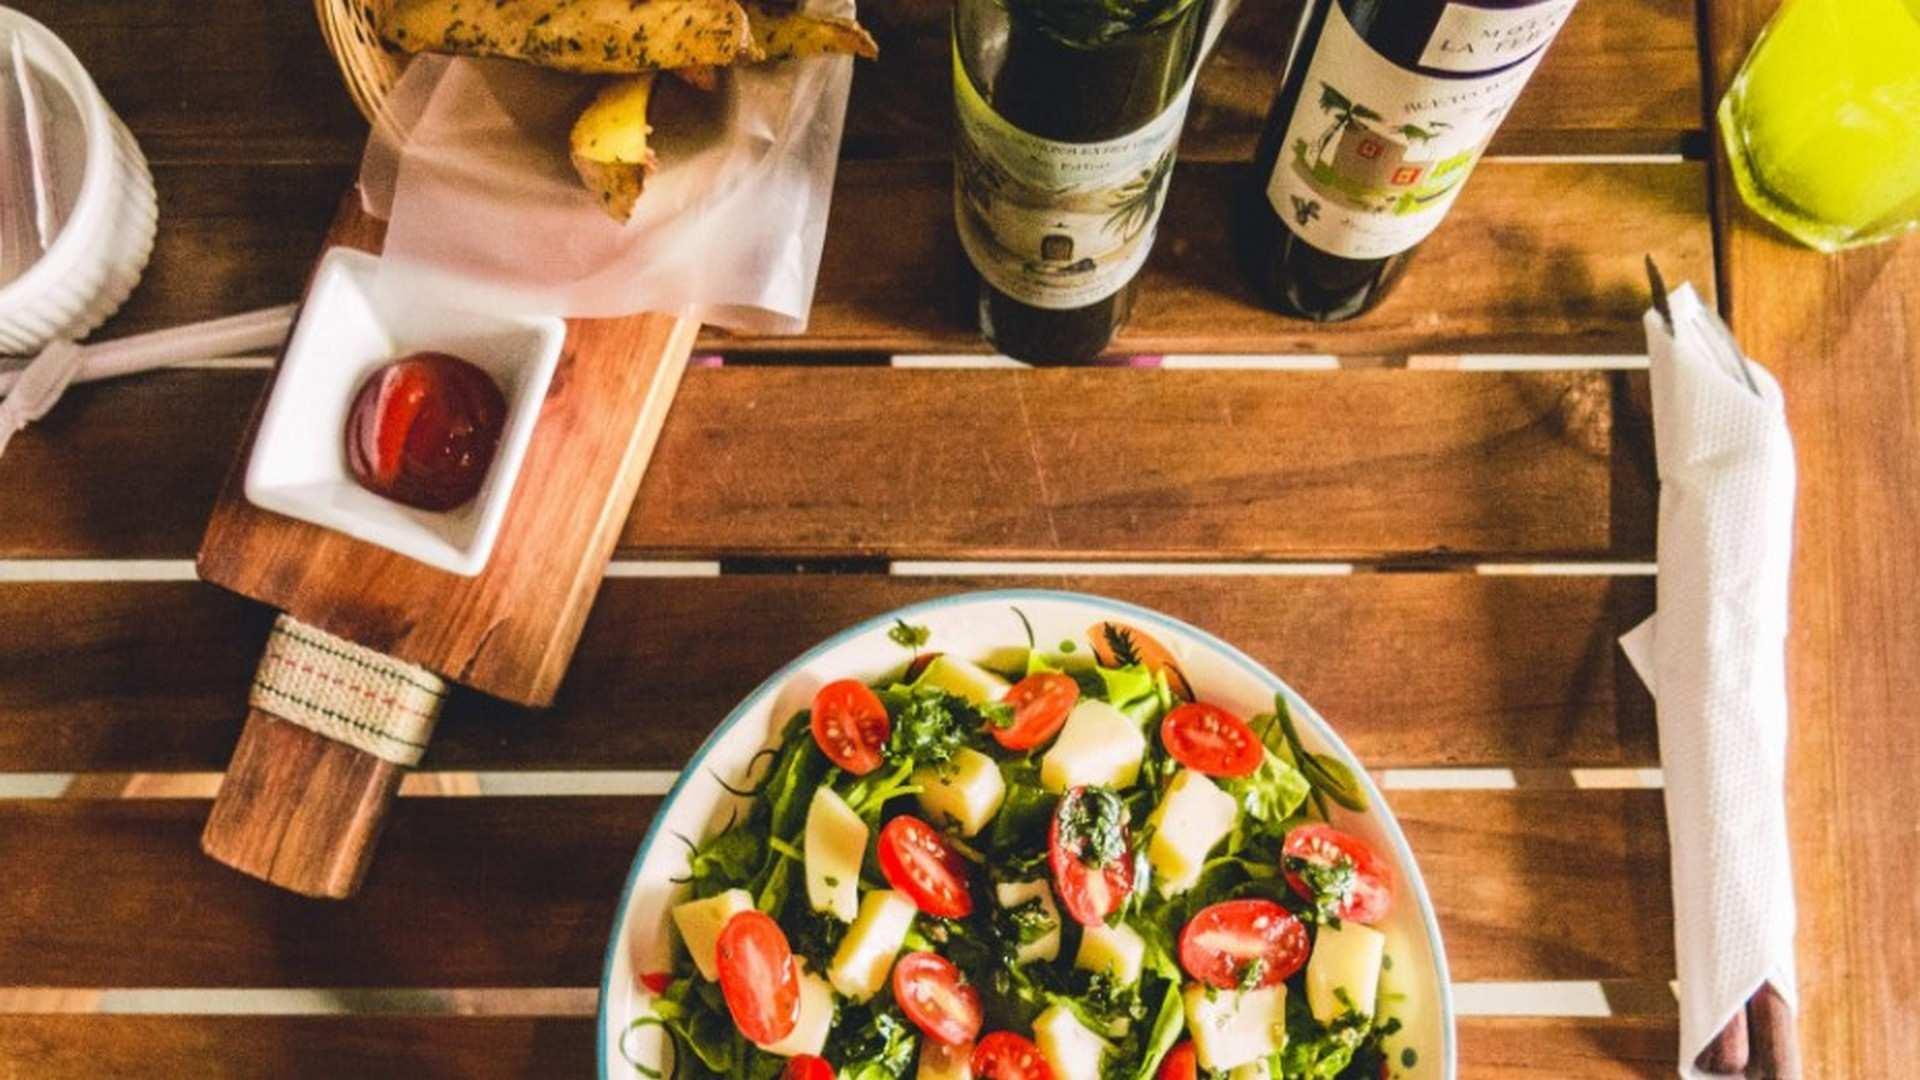 ¿Qué es la dieta mediterránea? ¿Cómo puedo incluirla en mi dieta diaria?